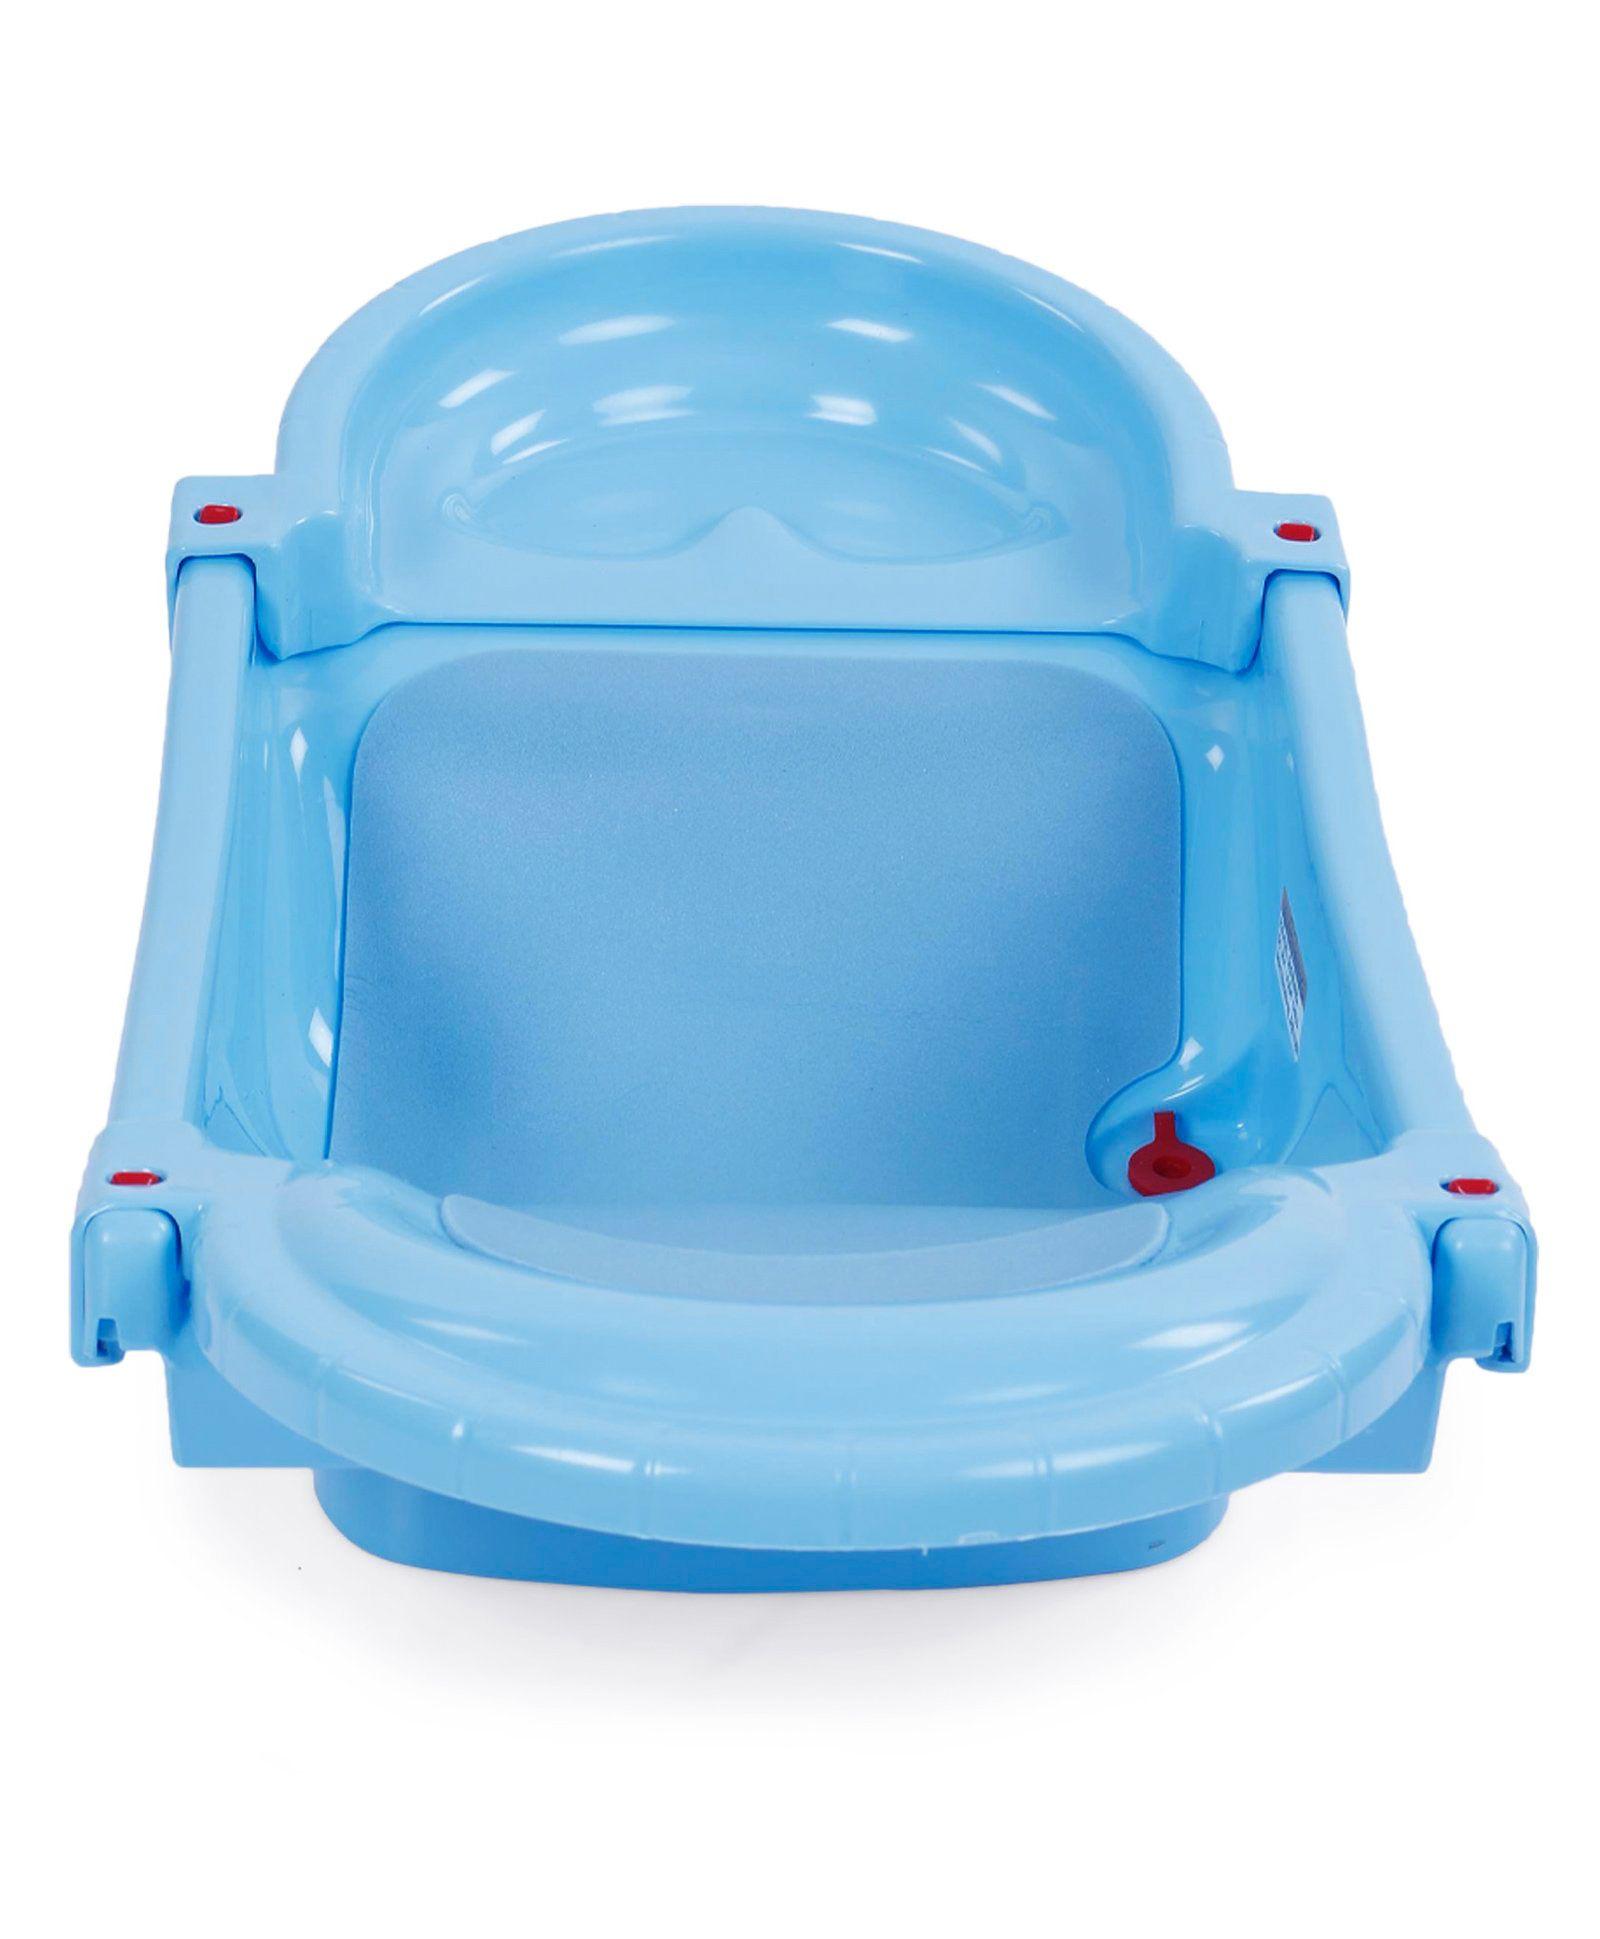 RUB-A-DUB-TUB Adjustable Home Or Travel Infant Bathing Tub